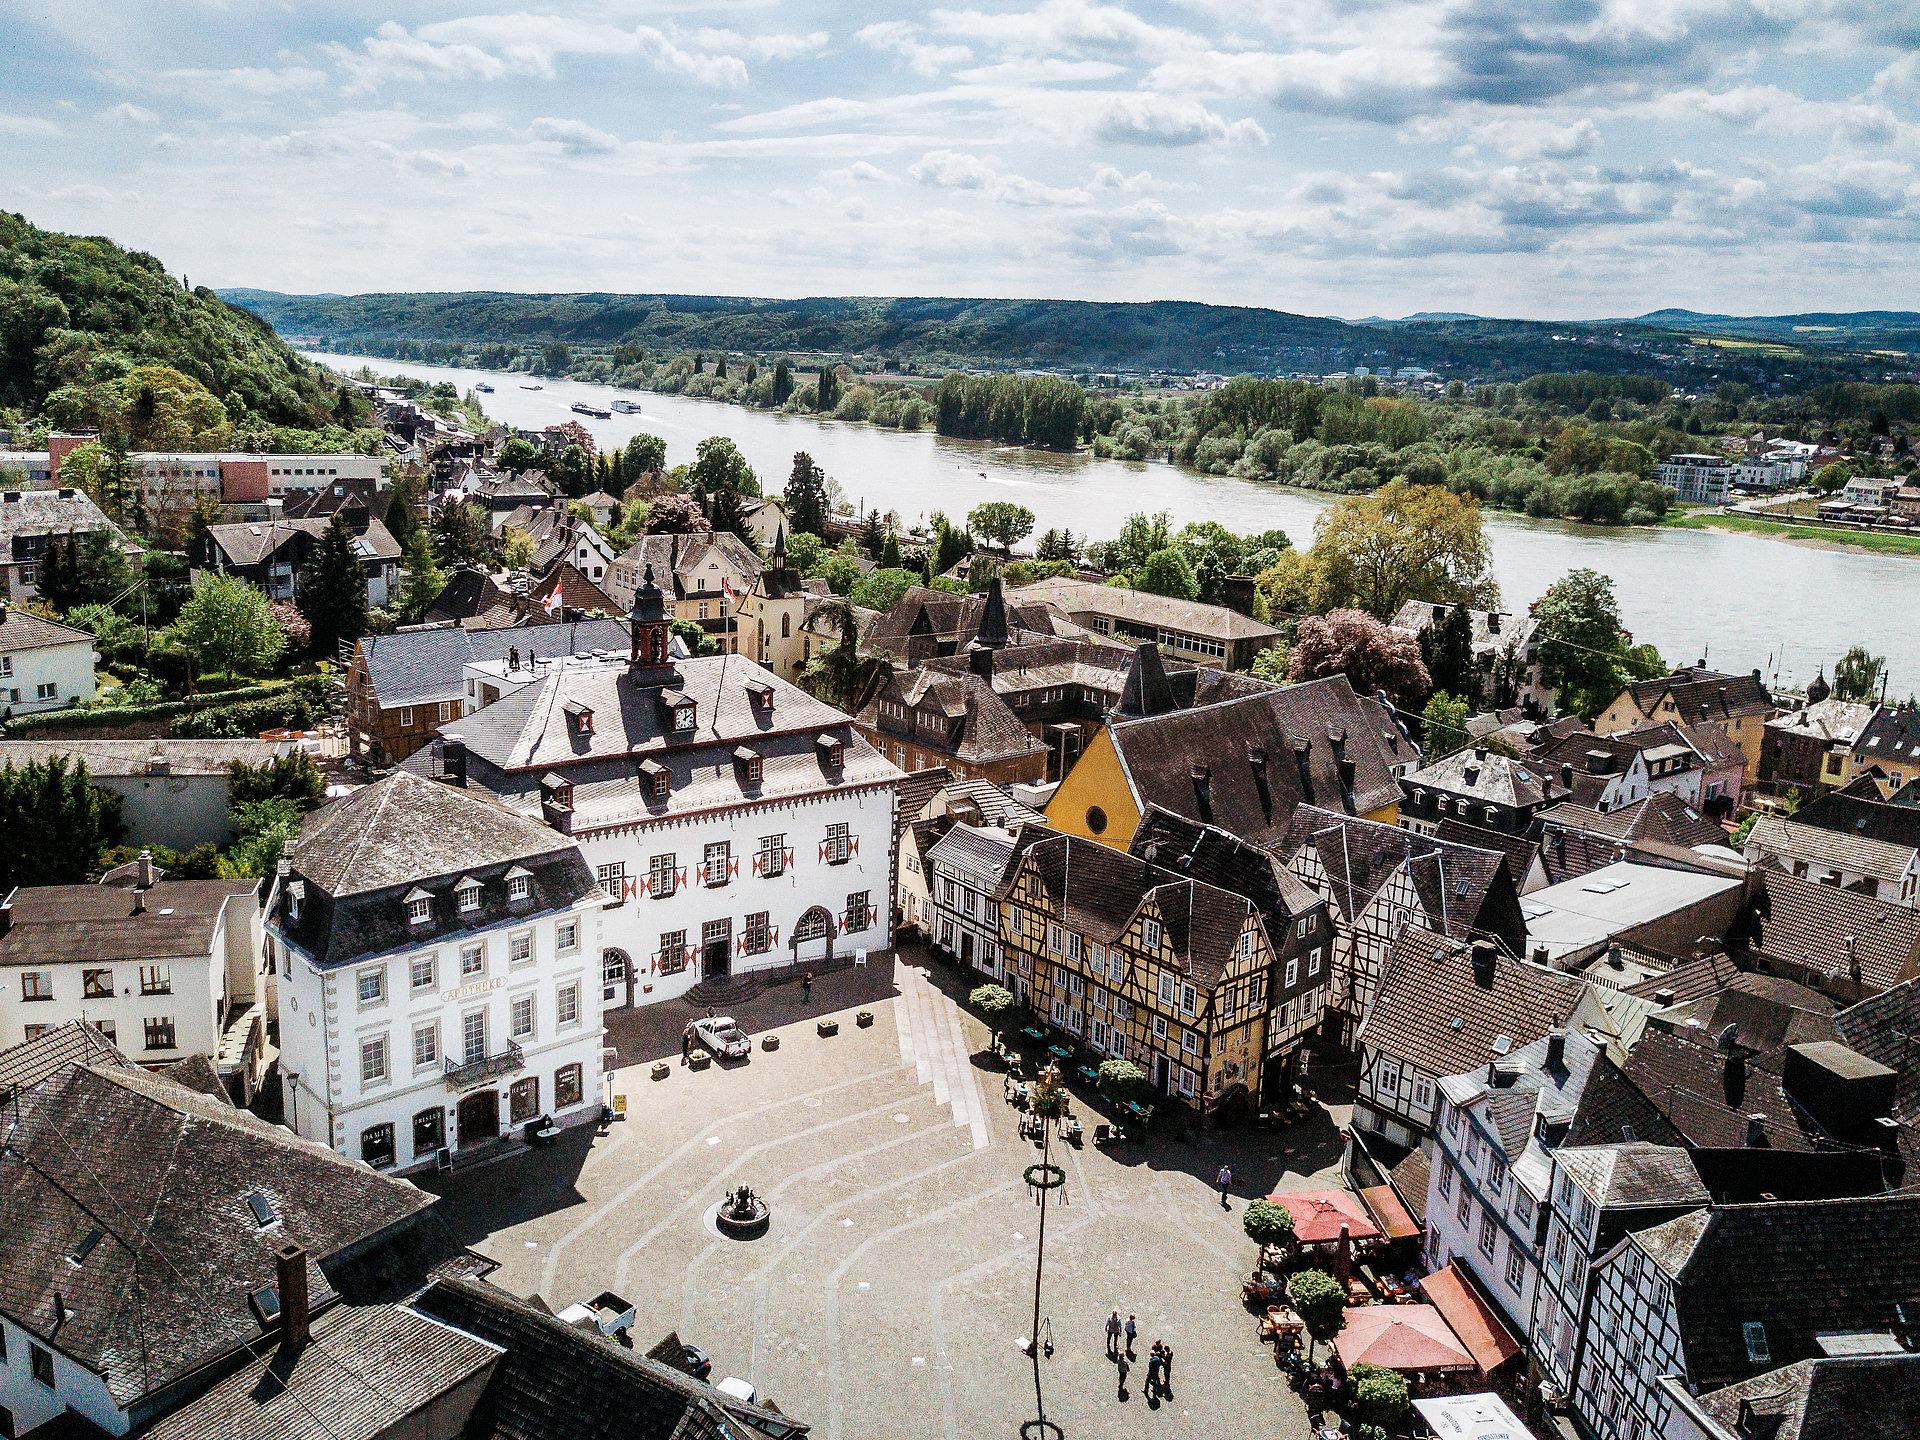 Linzer Altstadt und Blick auf den Rhein von oben